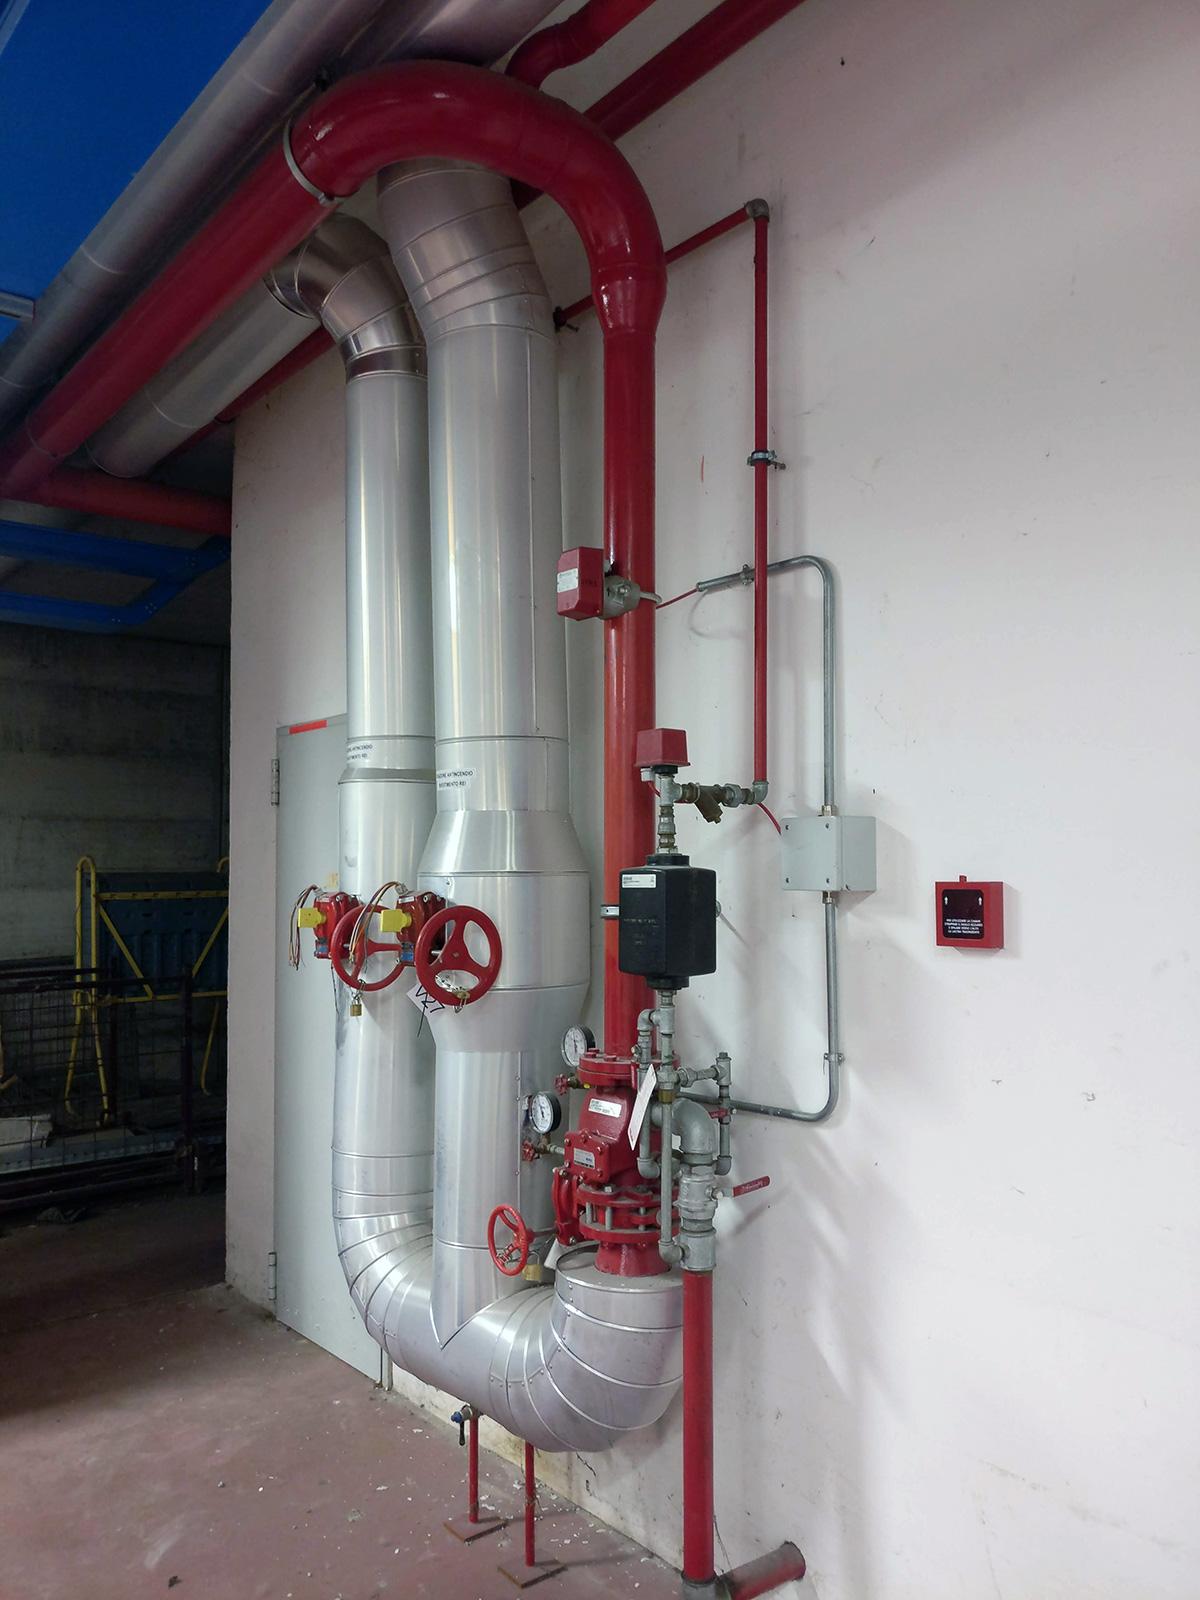 Gruppo ingegneria Torino - interventi di adeguamento prevenzione incendi presso Casa1985 Lavazza